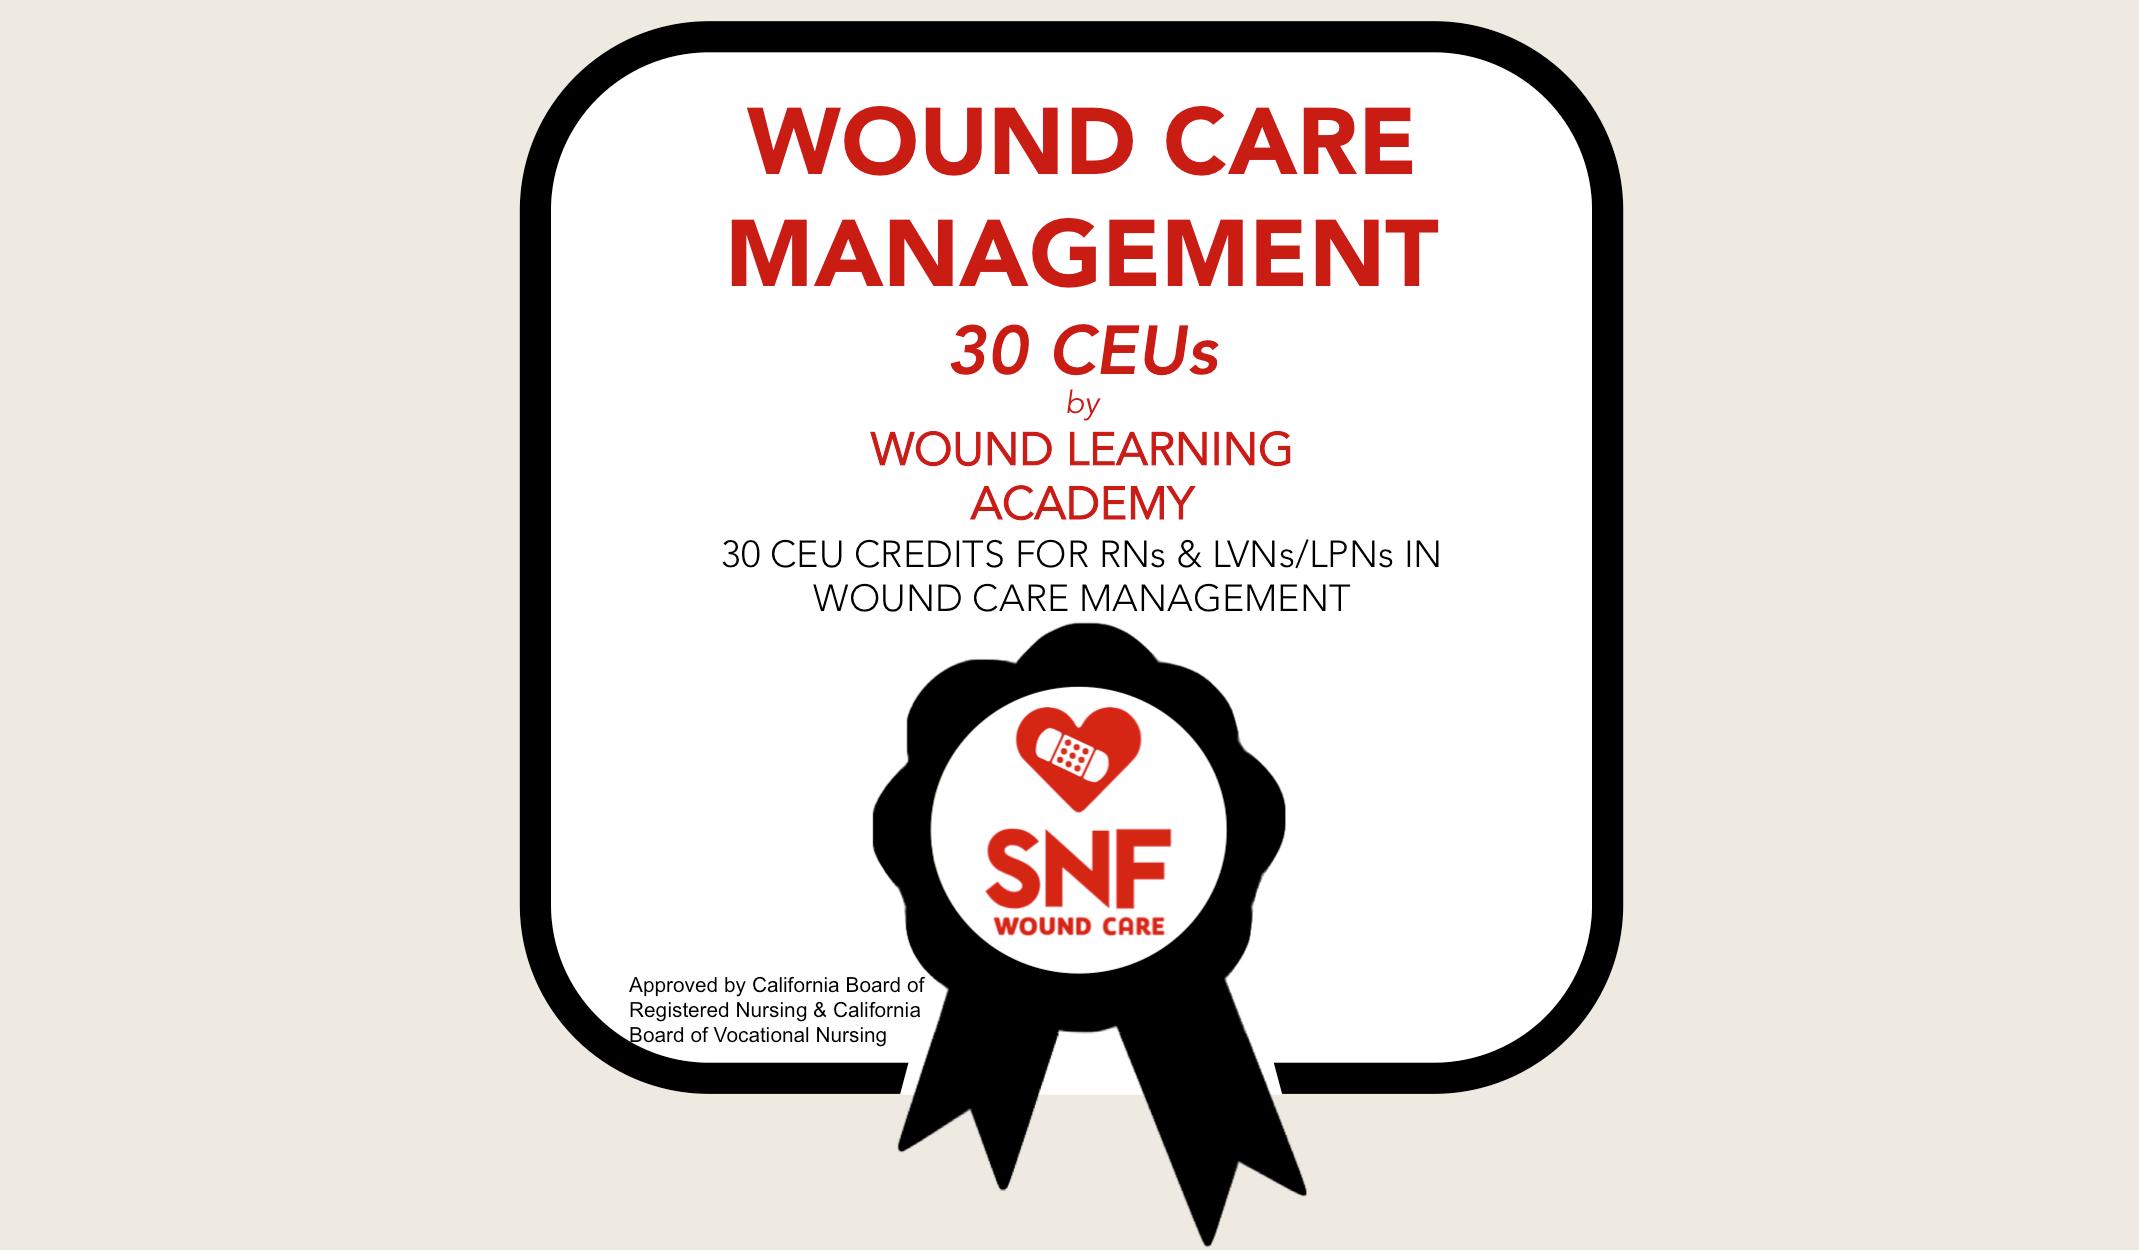 30 CEUs in Wound Care Management